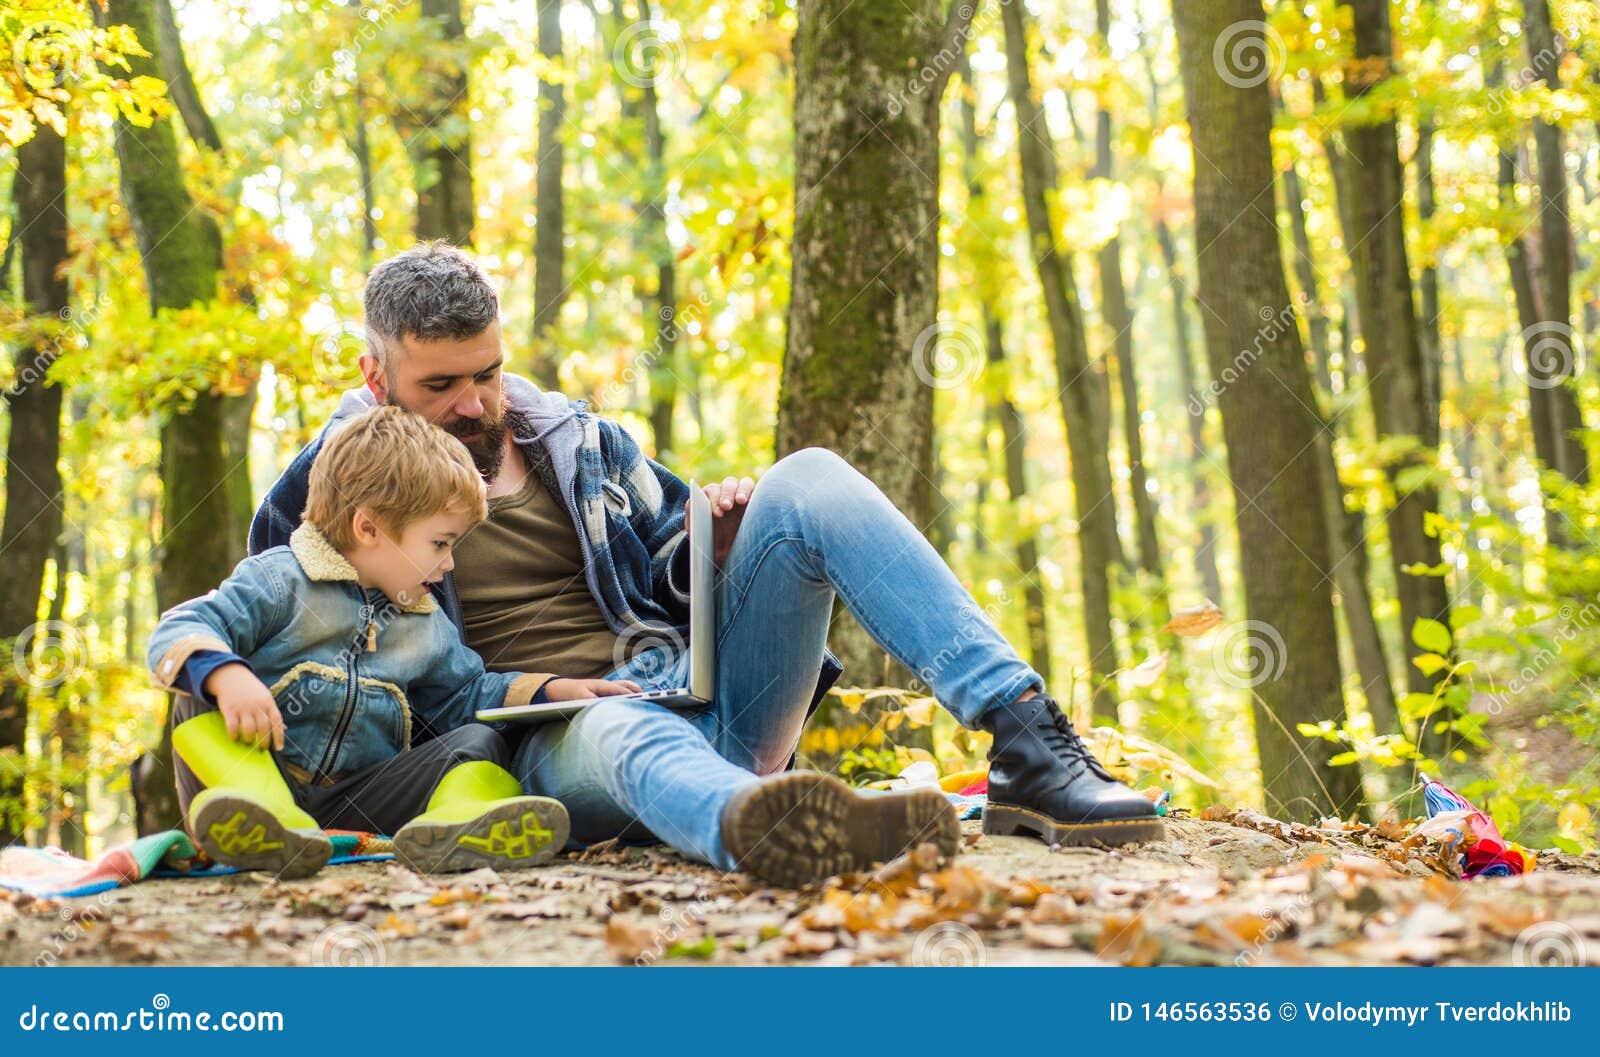 O pai ensina a uso do filho a tecnologia moderna Unido com a natureza Lição da ecologia Escola da floresta e educação da ecologia